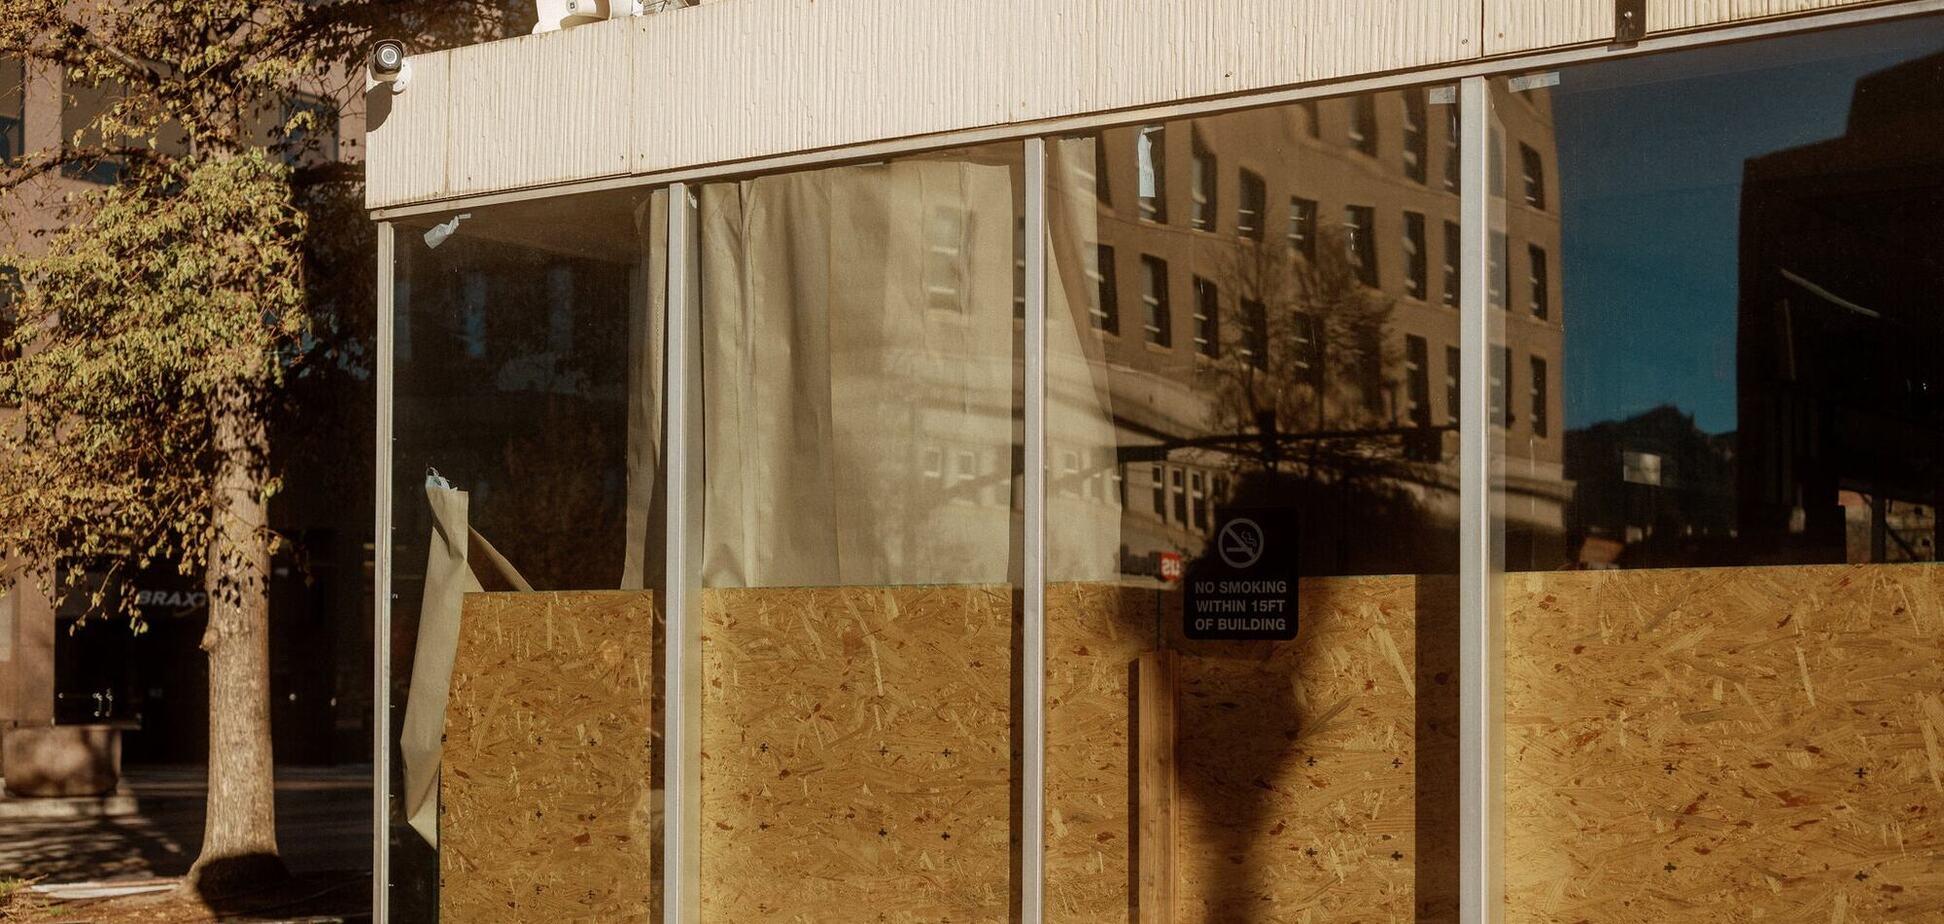 Скло нижніх поверхів в Нью-Йорку закривають фанерою